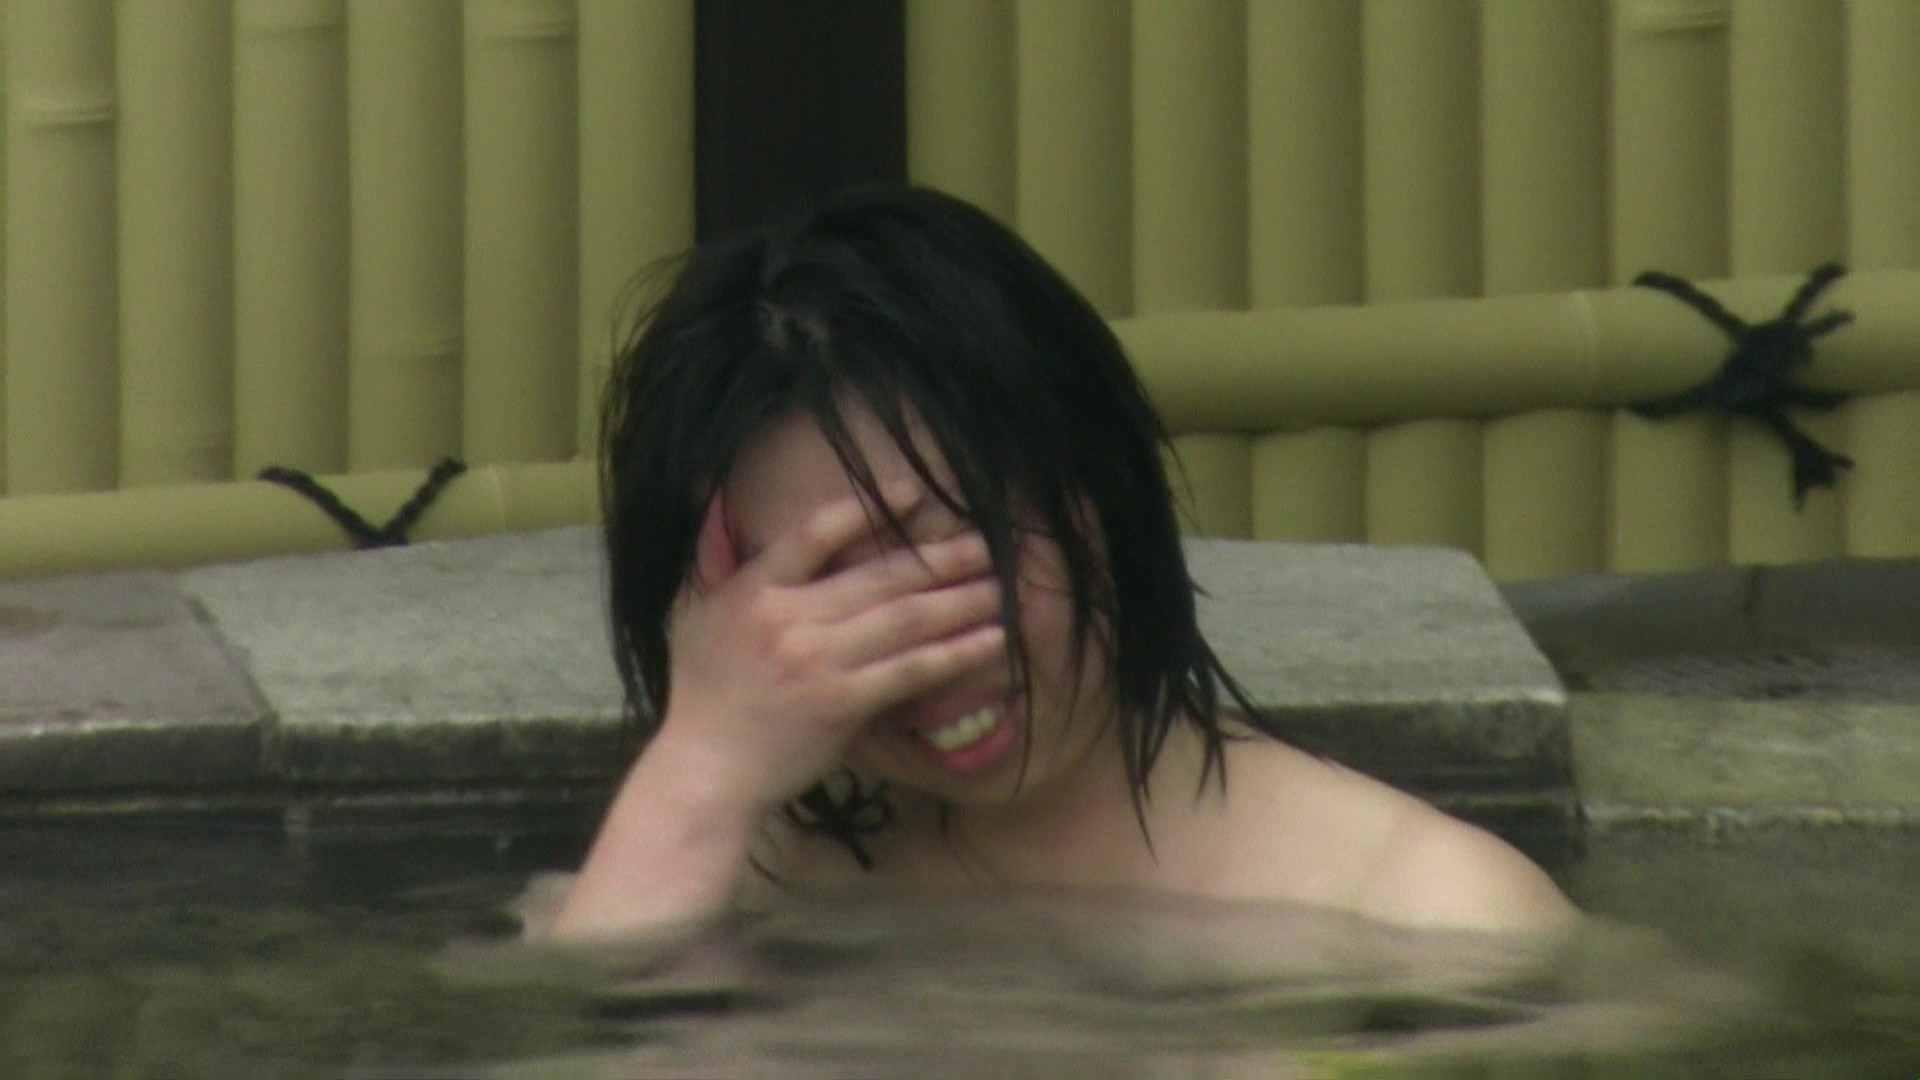 Aquaな露天風呂Vol.07 露天風呂 | 盗撮動画  10枚 1